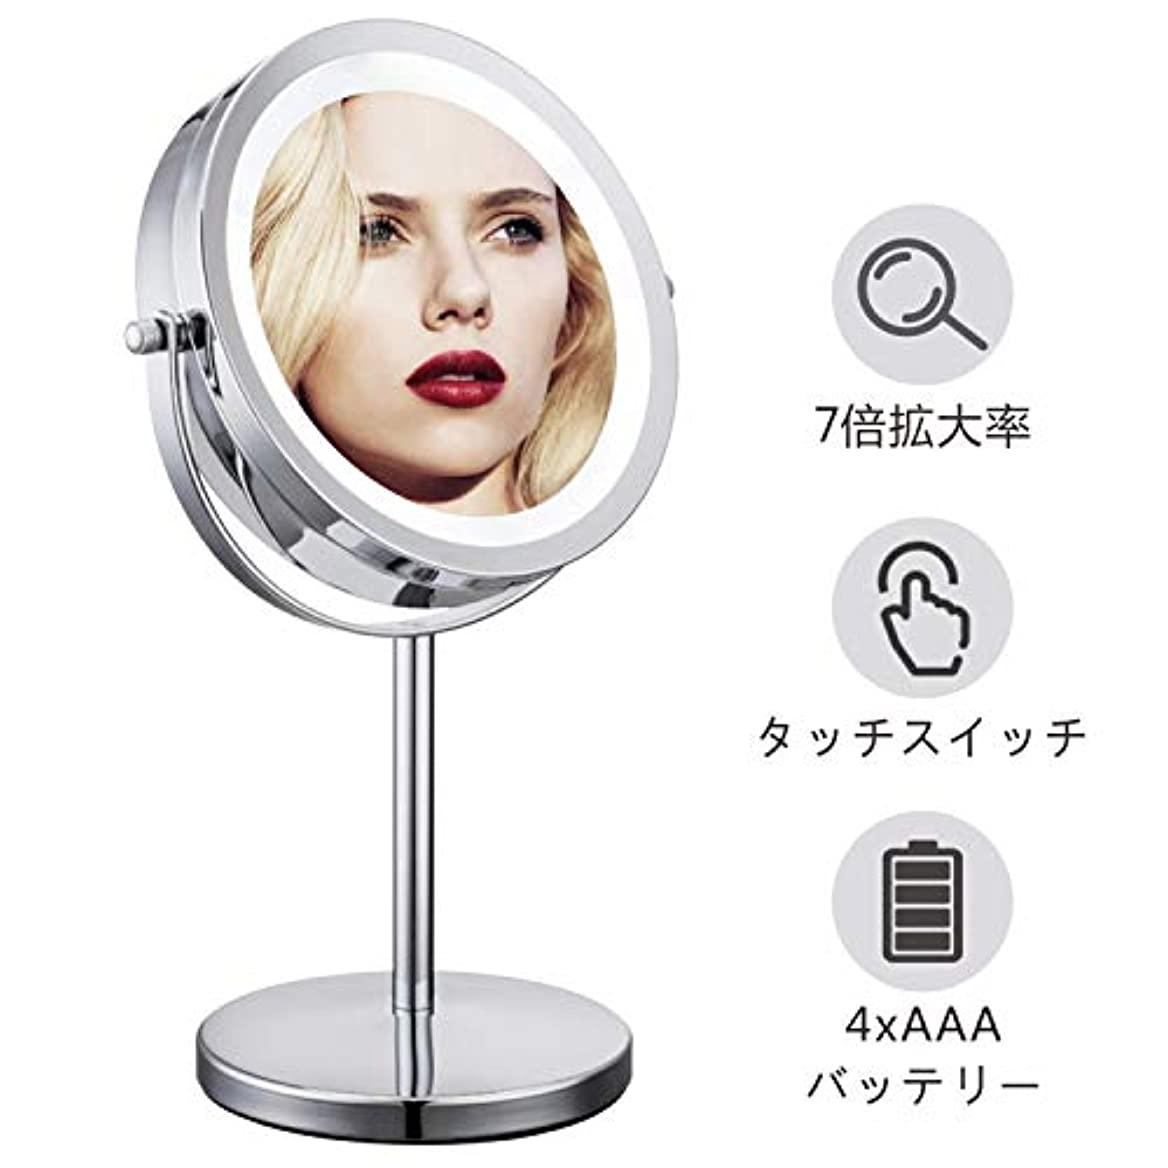 桃処理する海洋のMinracler 化粧鏡 7倍拡大 卓上 化粧ミラー led両面鏡 明るさ調節可能 360度回転 (鏡面155mmΦ) 電池給電